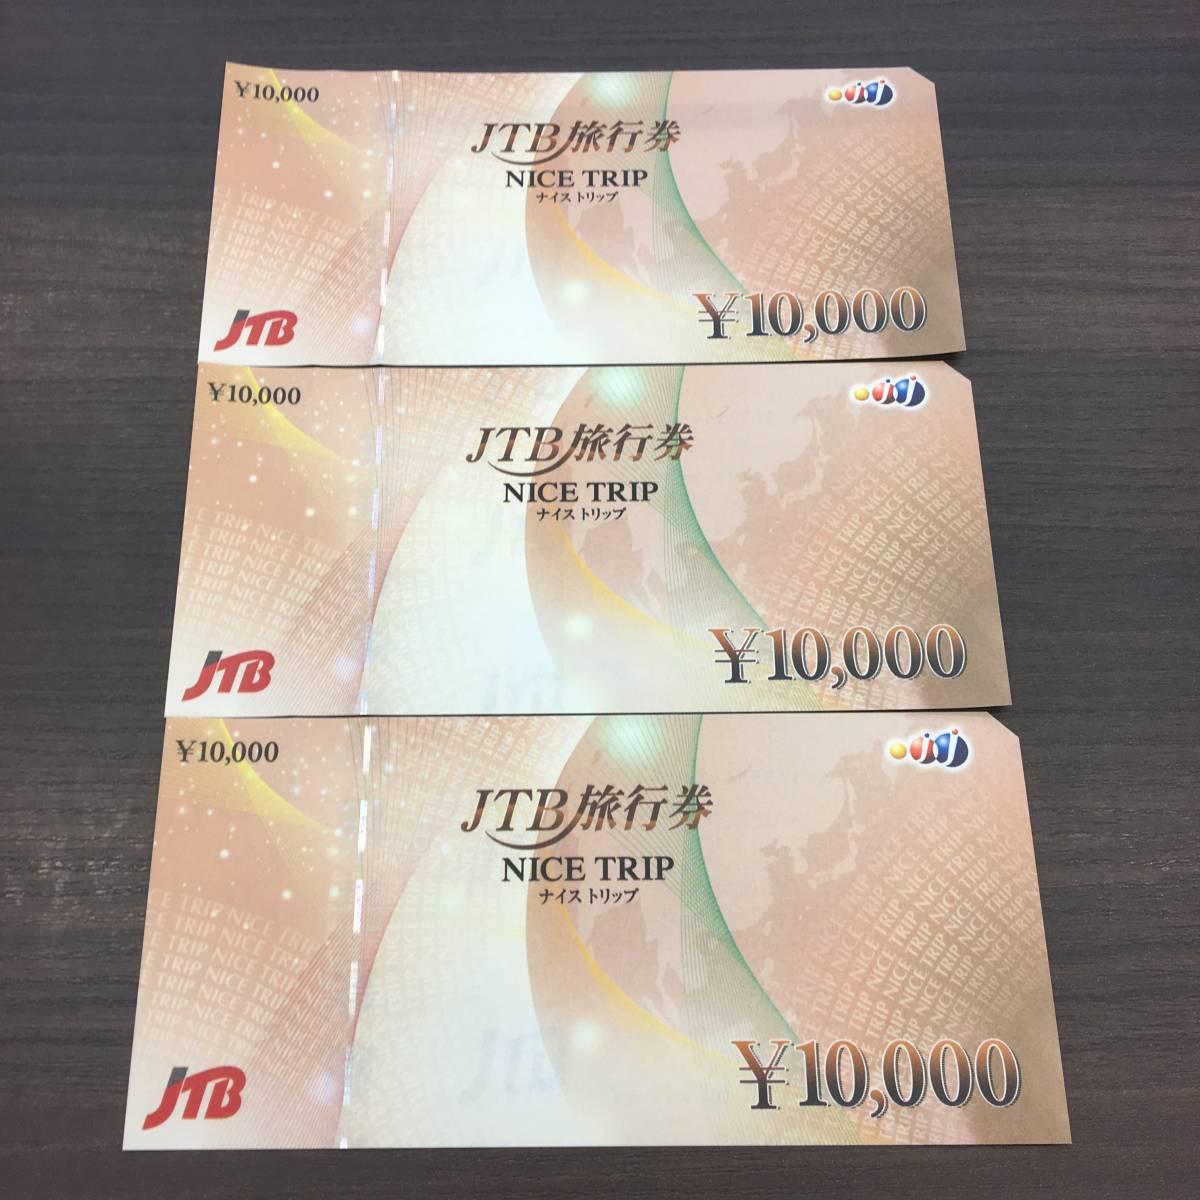 JTB旅行券 ナイストリップ 3万円分_画像1